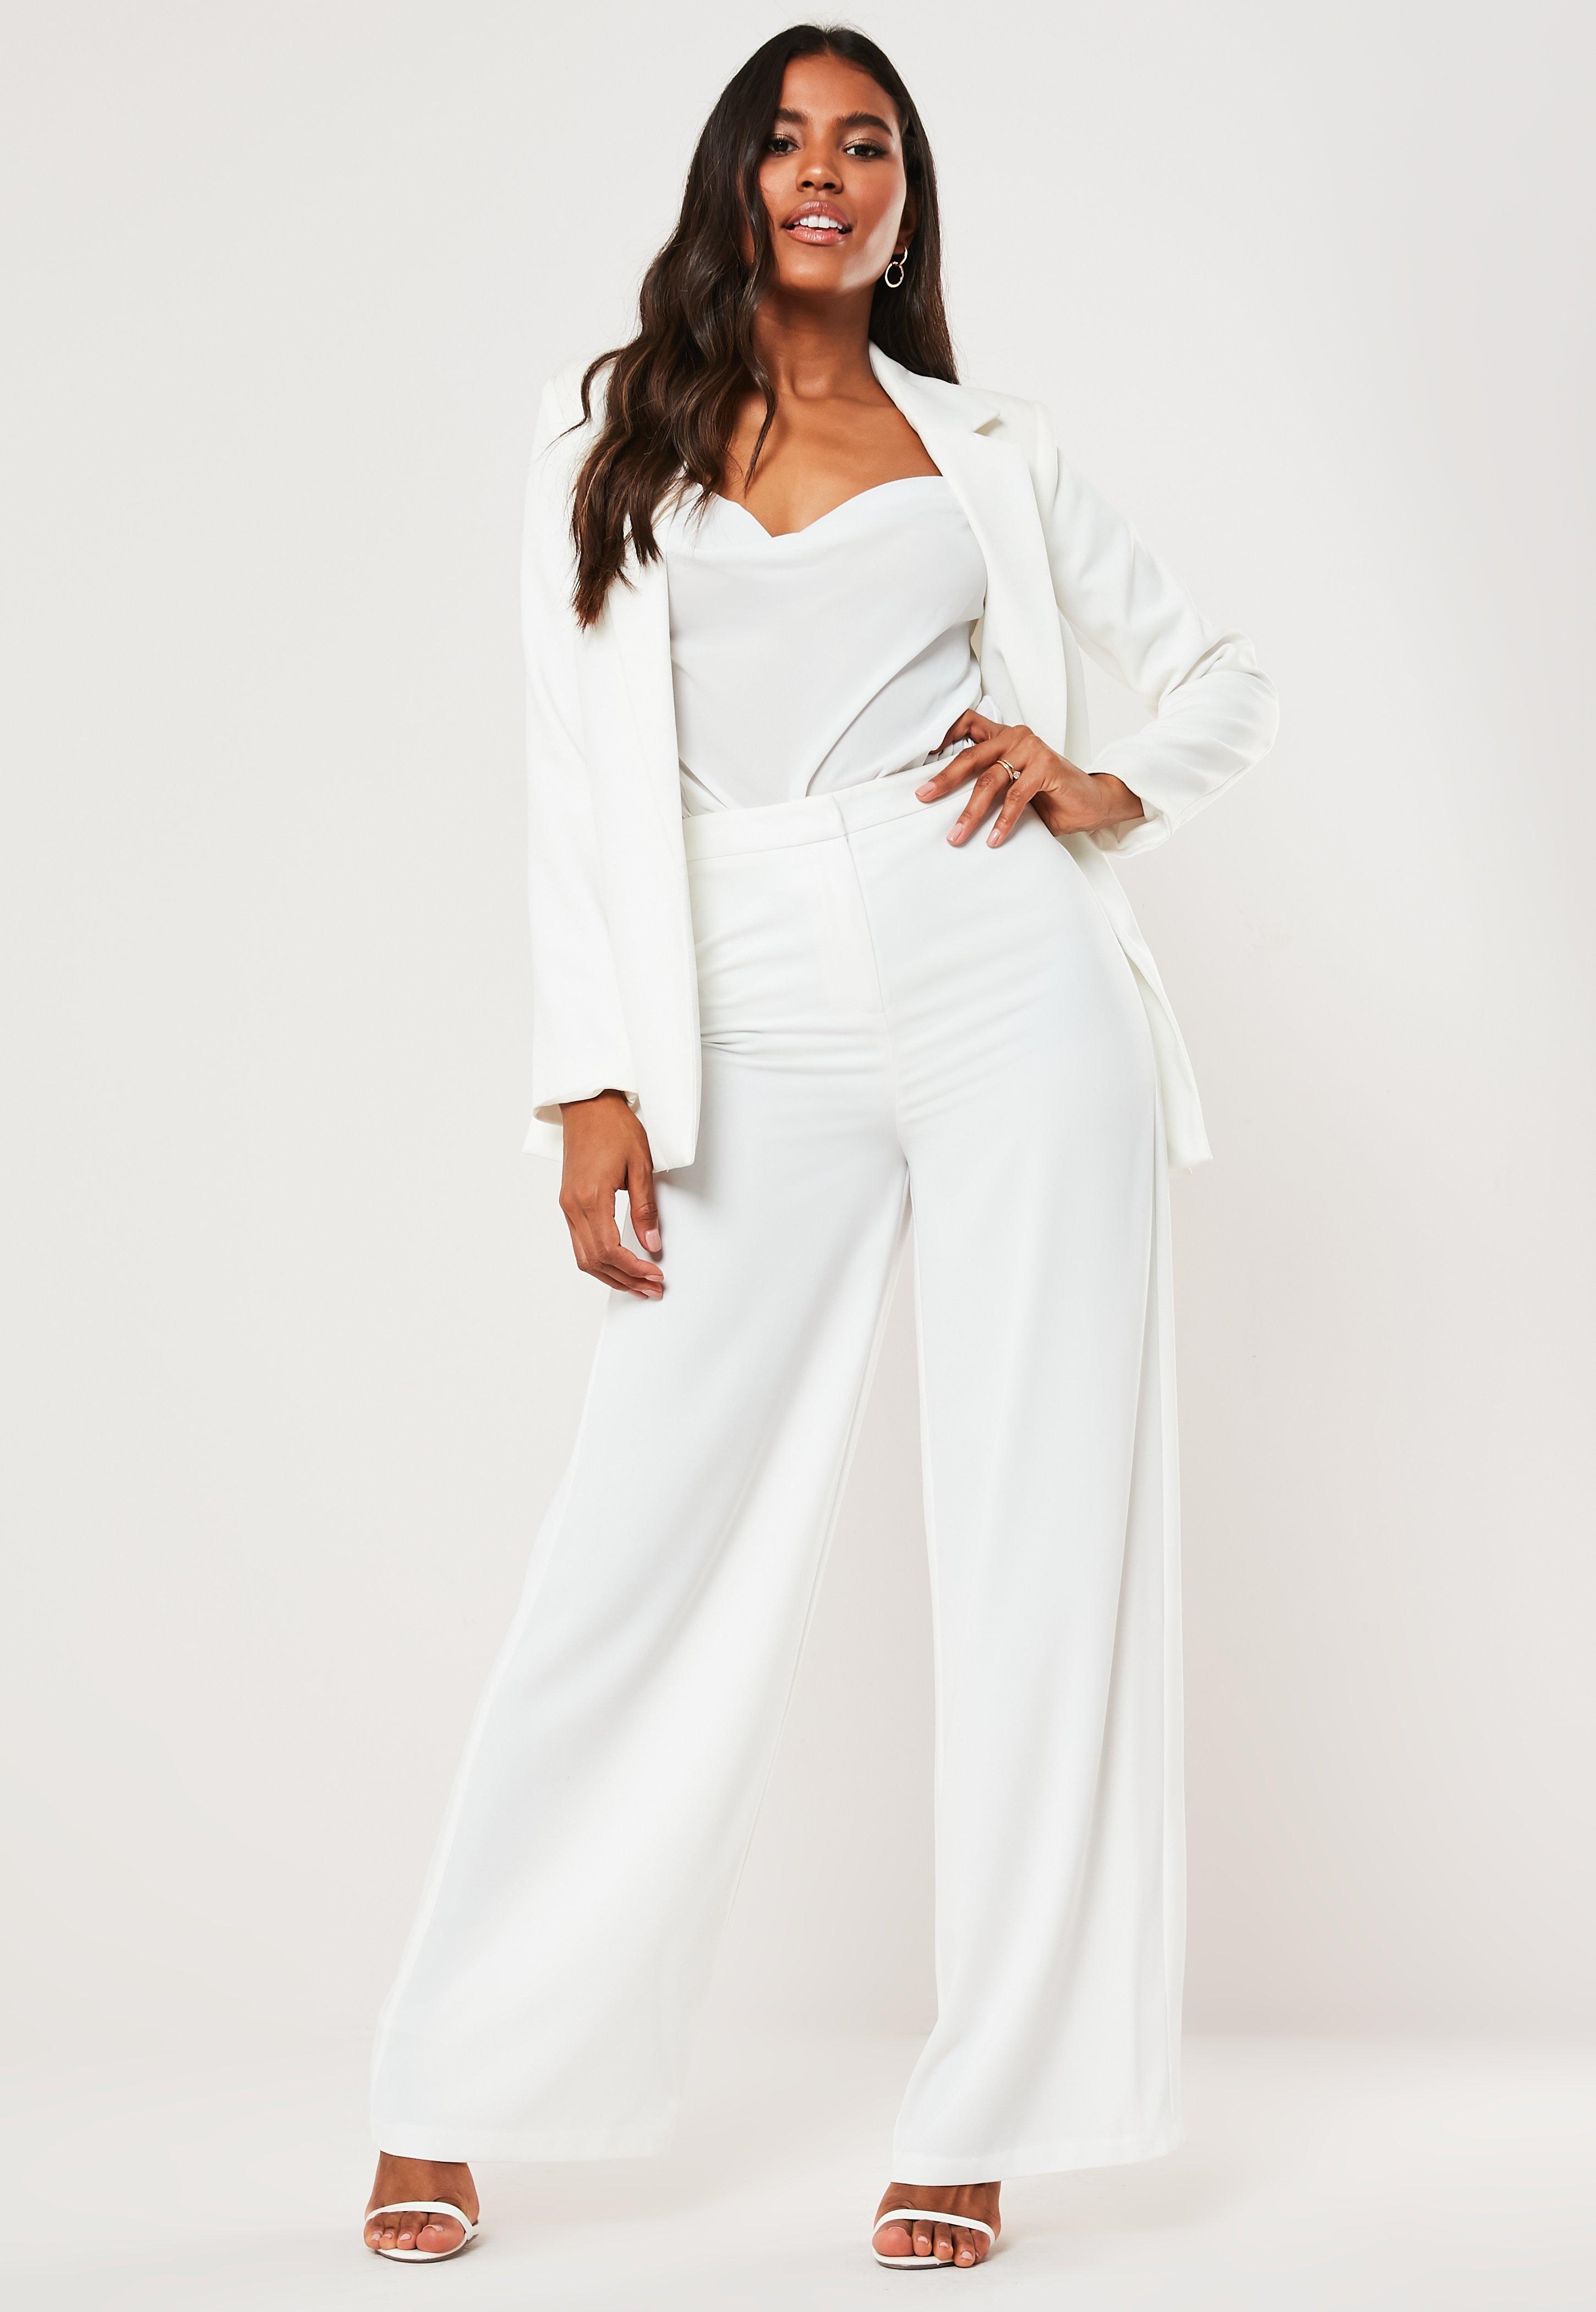 Pantalon large - Achat pantalon fluide pour femme - Missguided 860cea6e55a